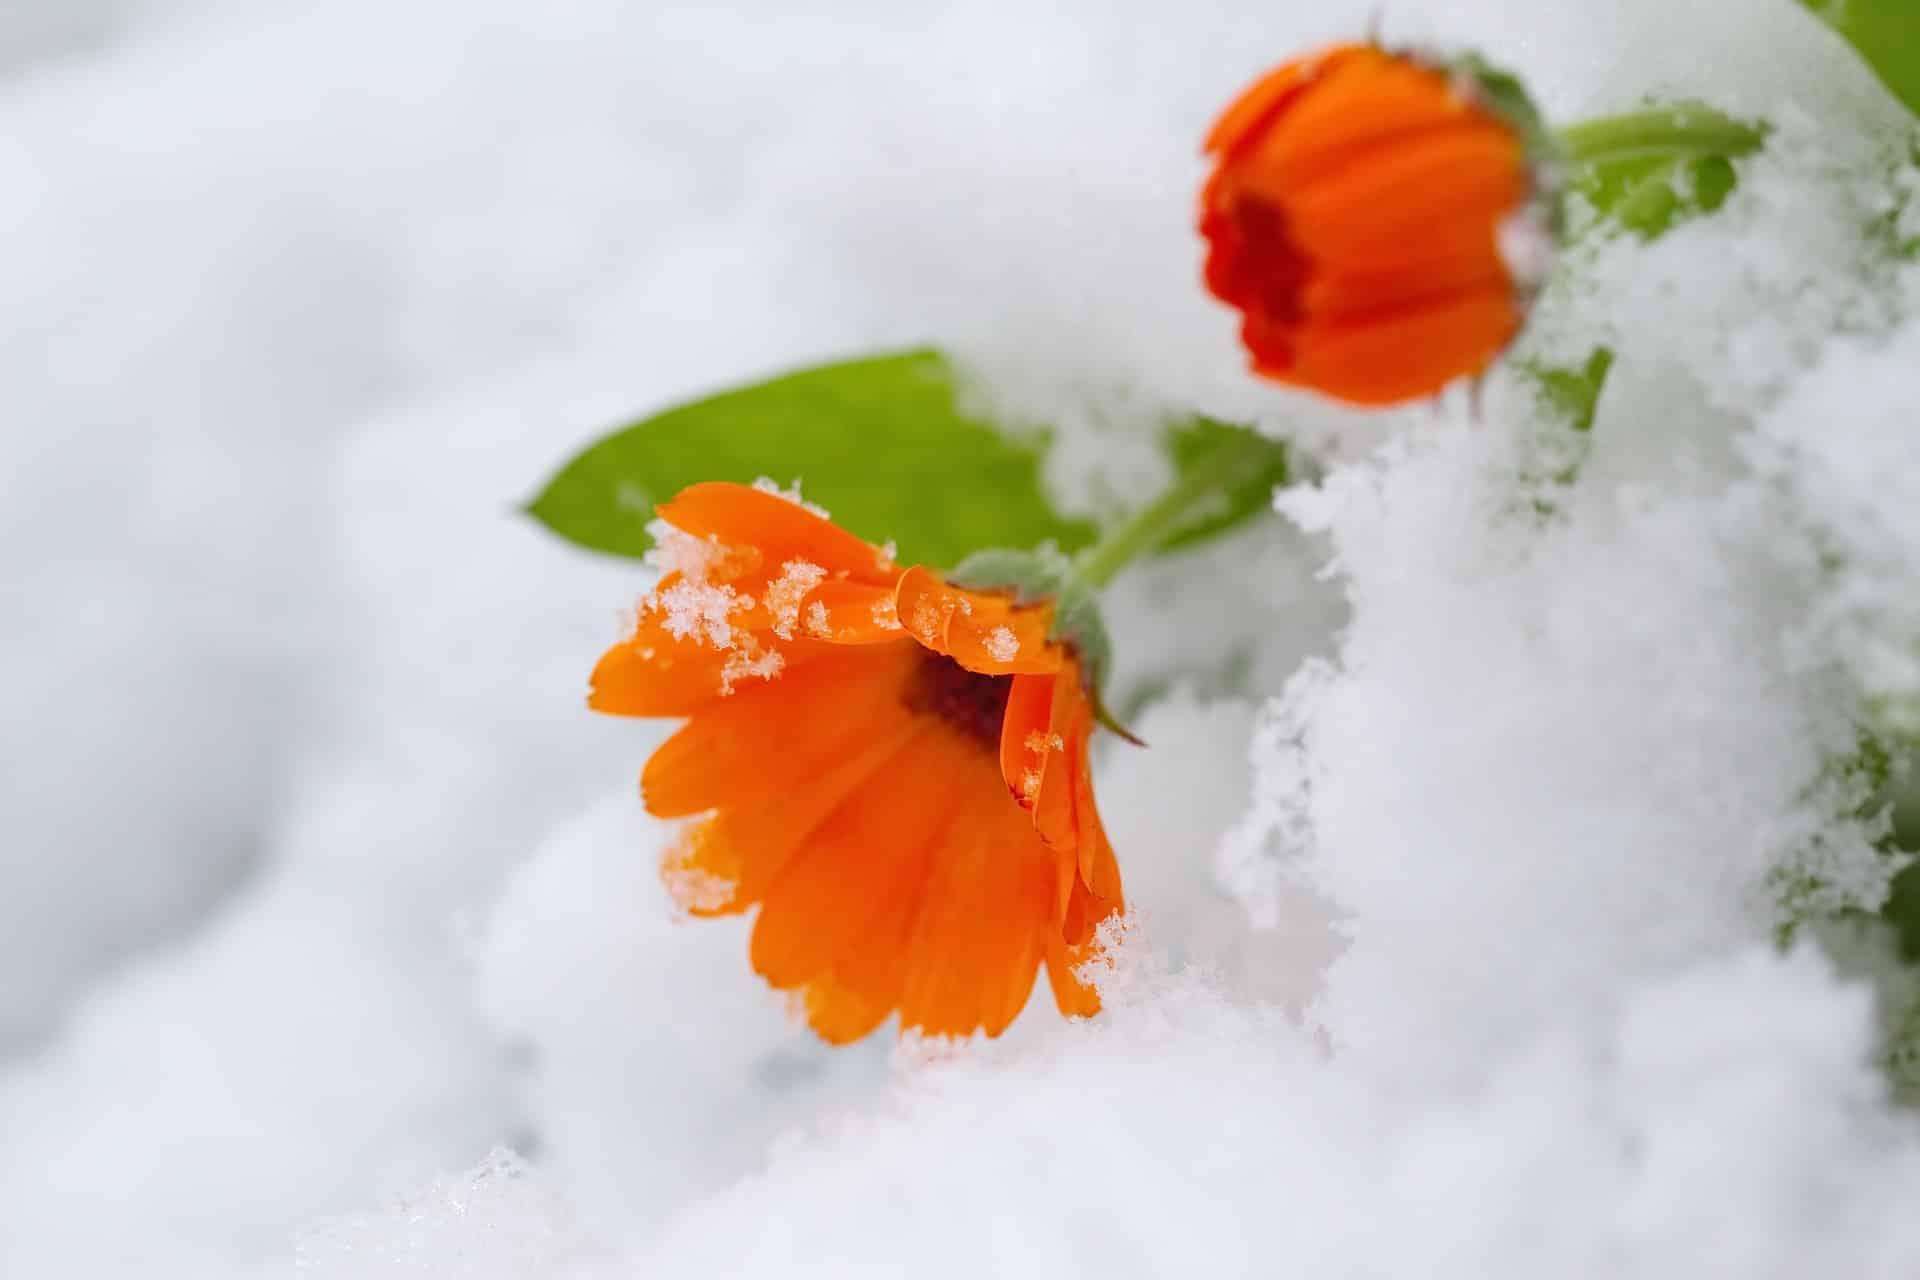 Τι γιορτή είναι σήμερα Τρίτη 19 Ιανουαρίου Ποιοι γιορτάζουν 19/1 Εορτολόγιο - Ο Καιρός από την ΕΜΥ - Η πρόγνωση για Αθήνα Θεσσαλονίκη